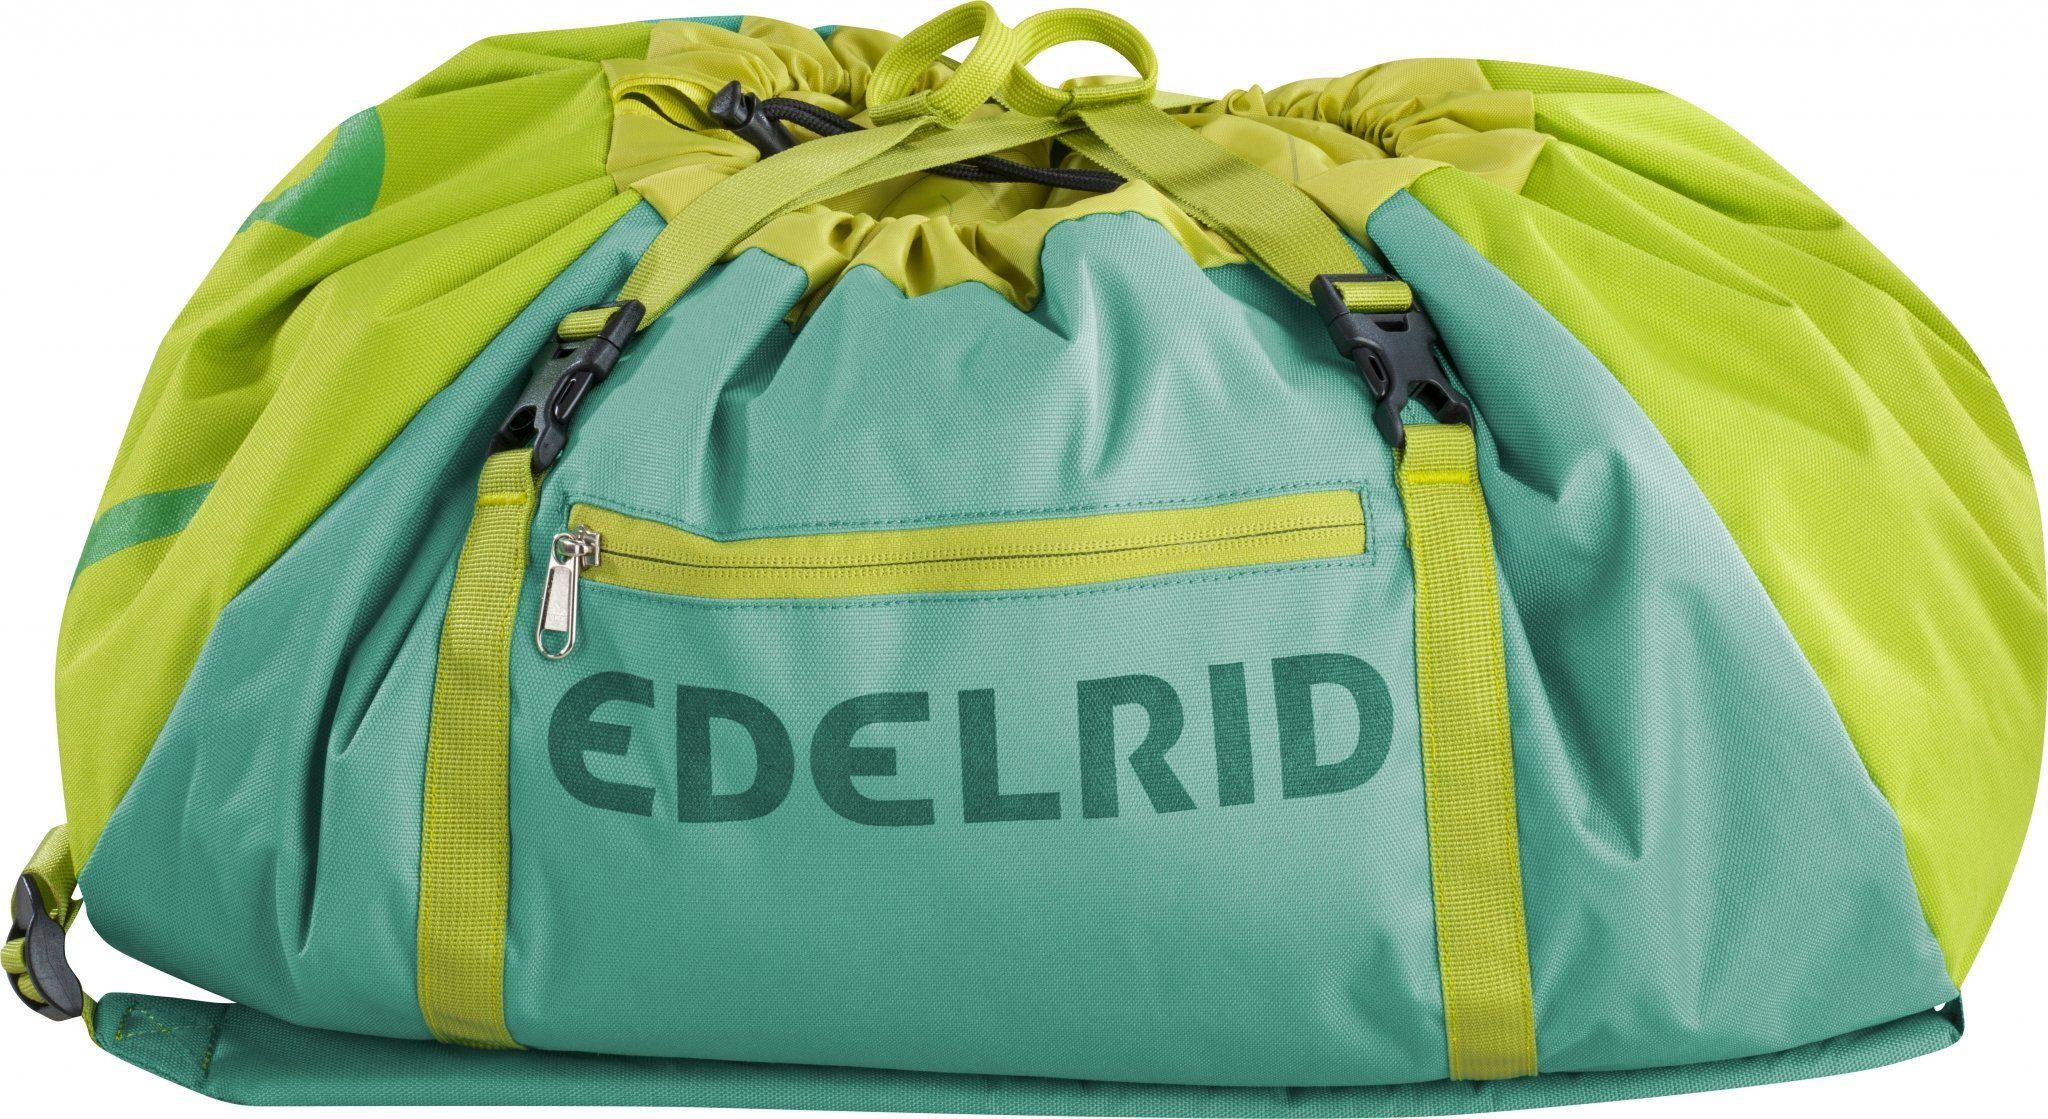 Edelrid Kletterrucksack »Drone II Rope Bag«